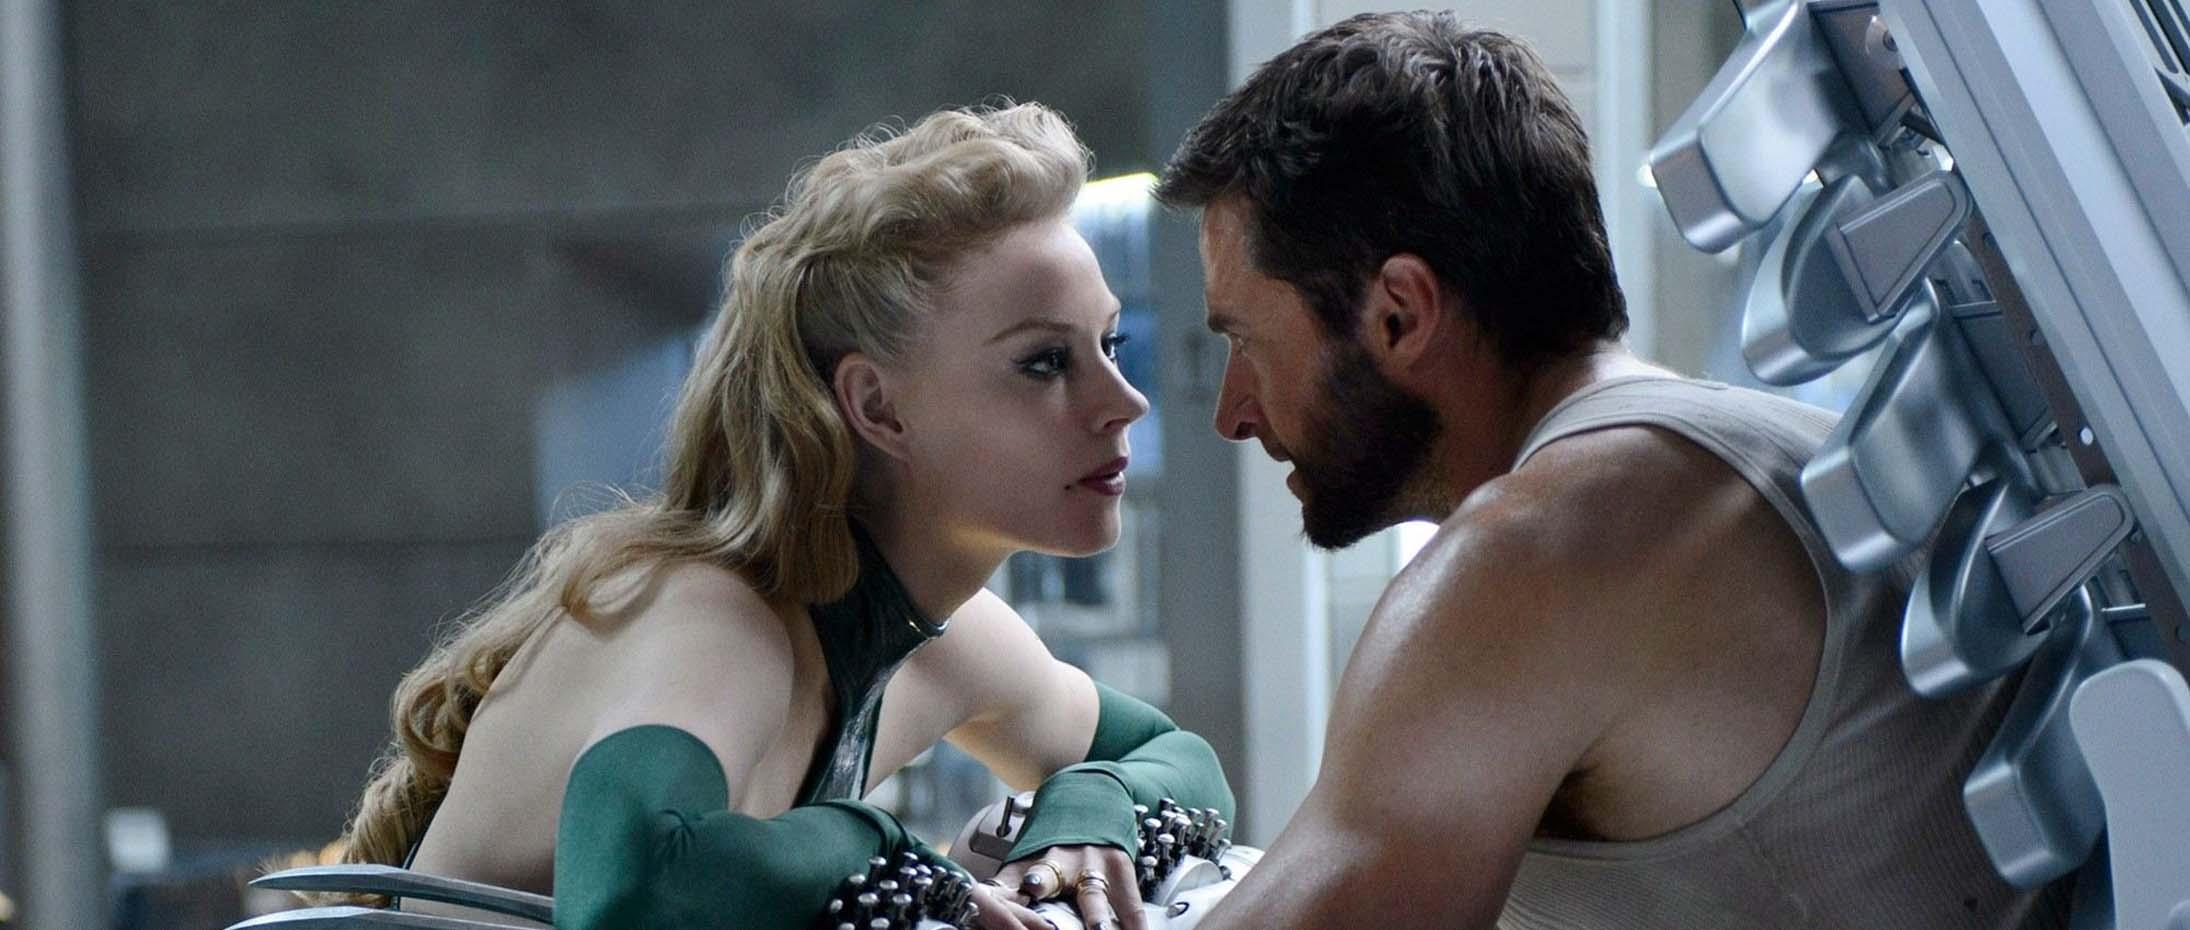 The-Wolverine-Jackman-Khodchenkova